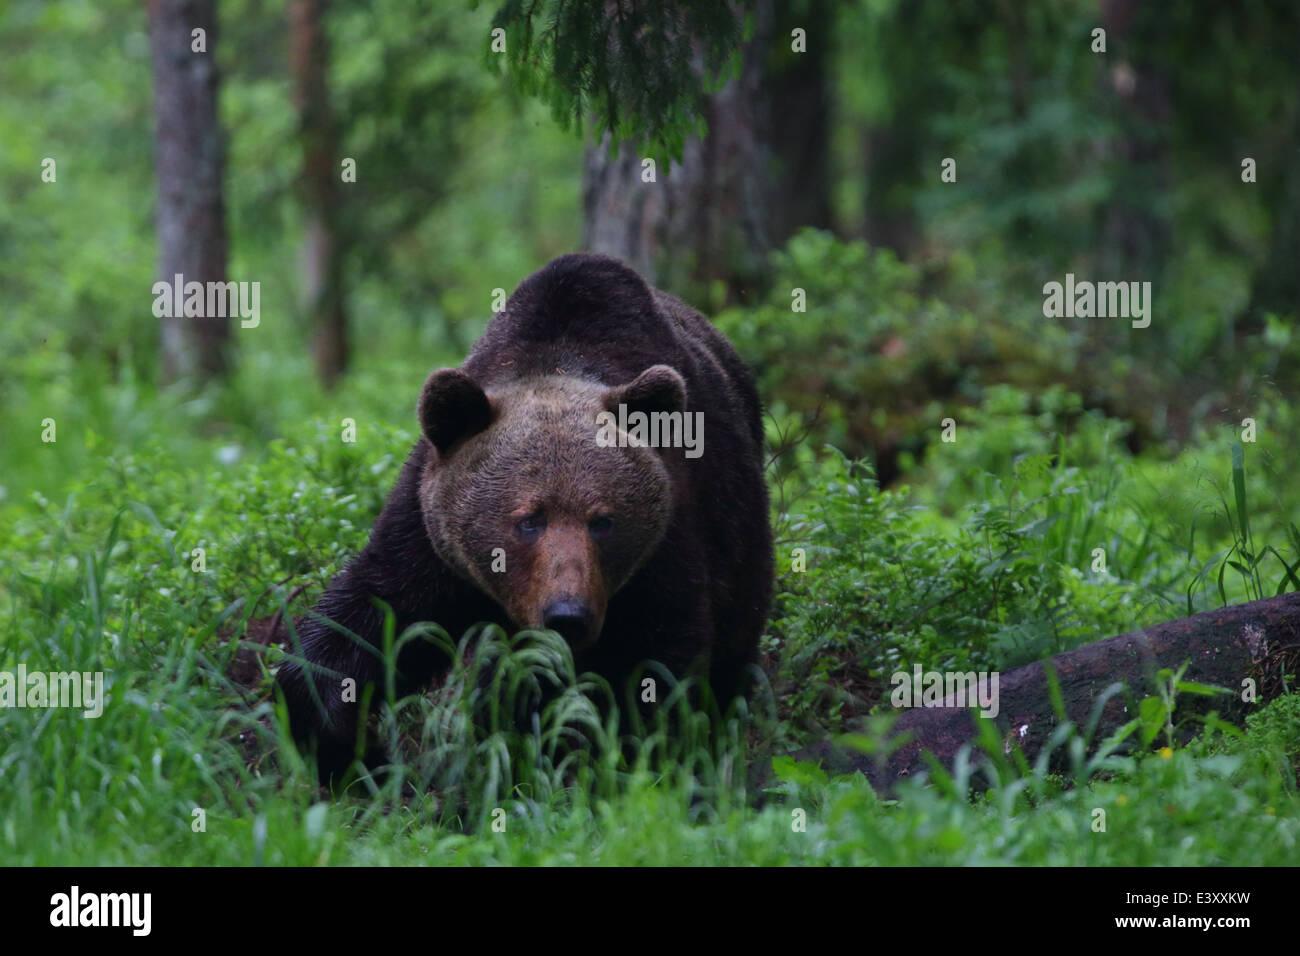 Brown bear (Ursus arctos) in Primeval forest. Europe, Estonia Stock Photo